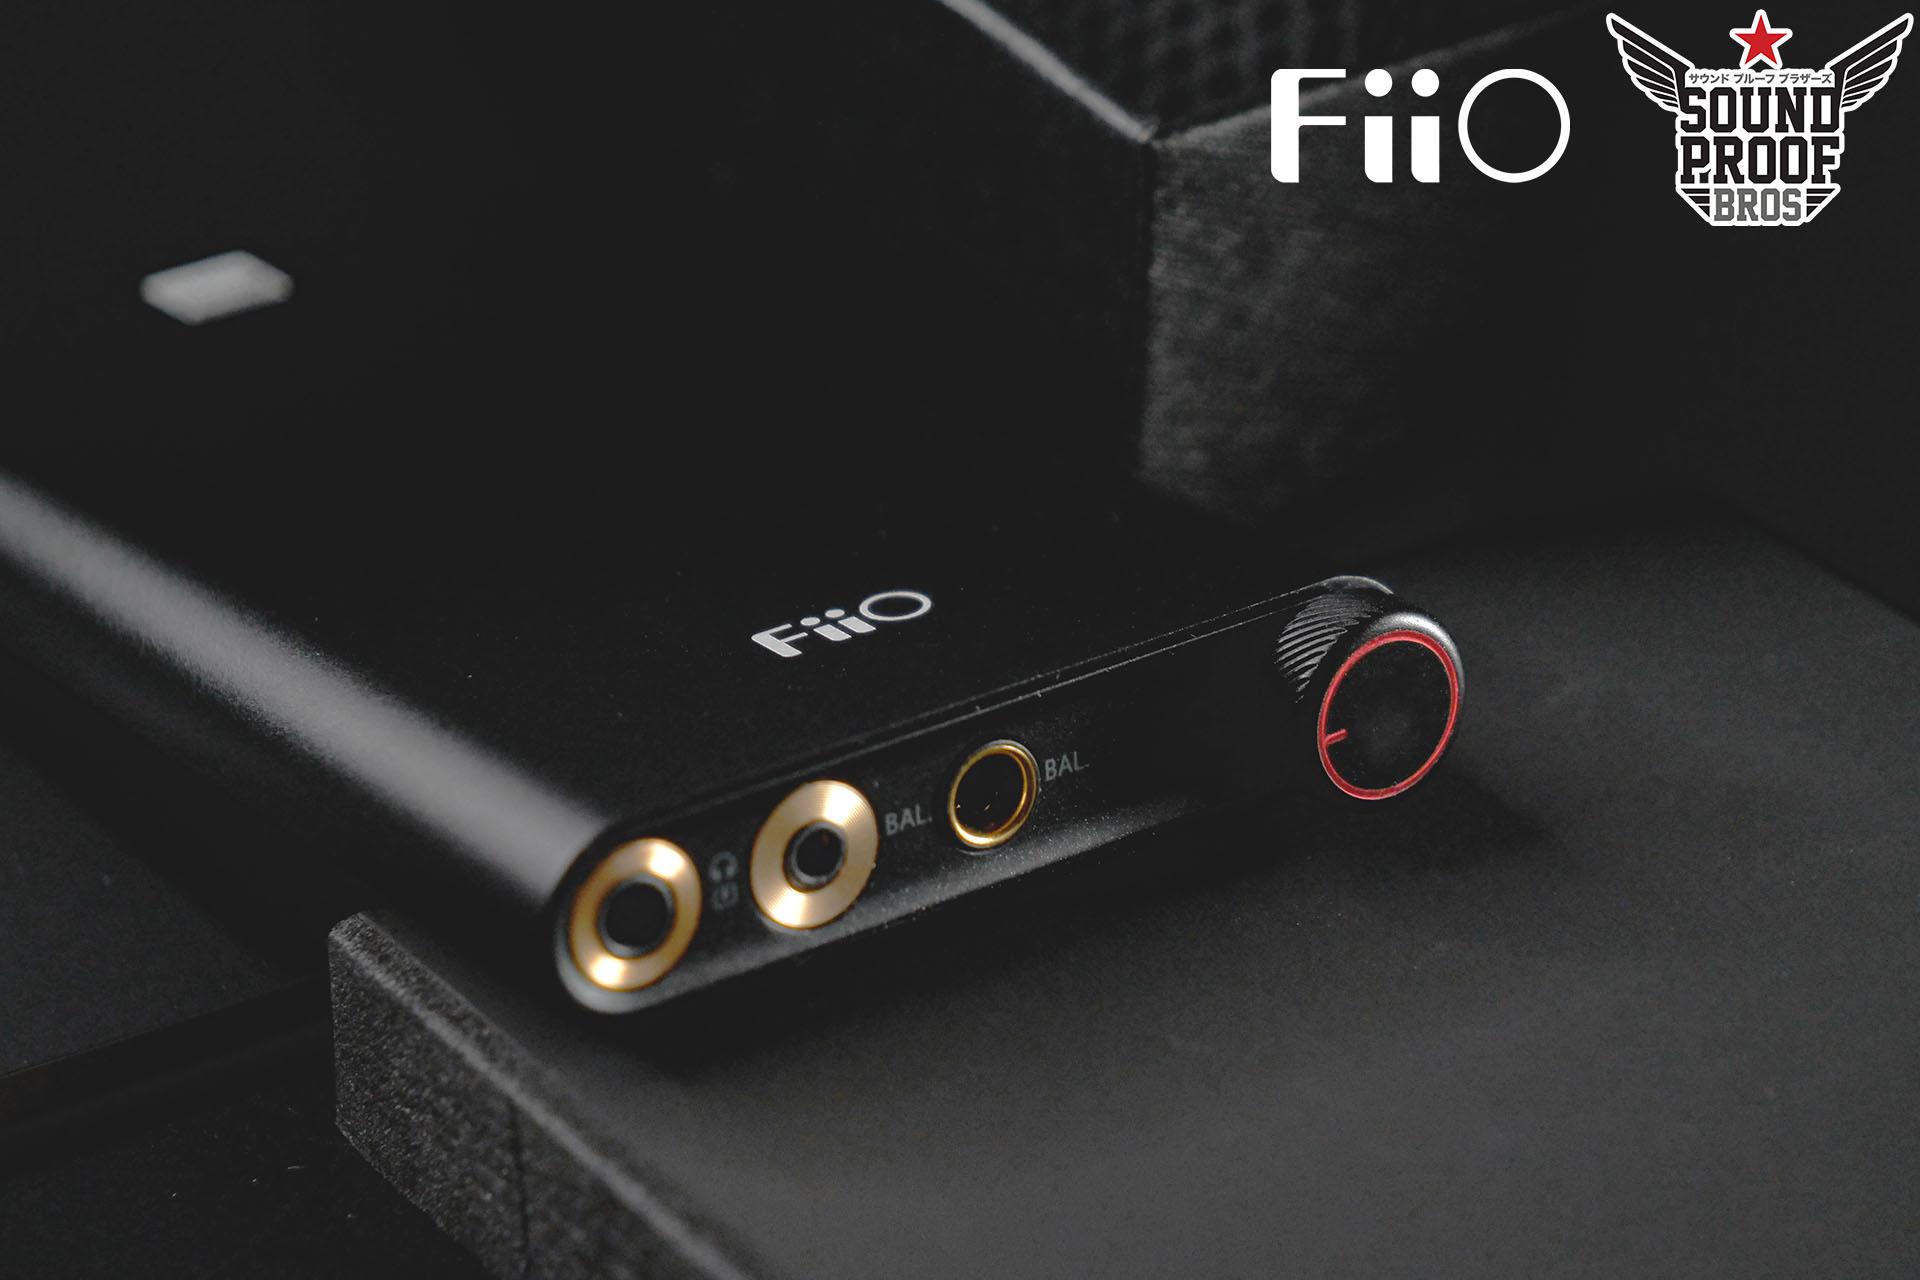 FiiO Q3 DAC/Amplifier